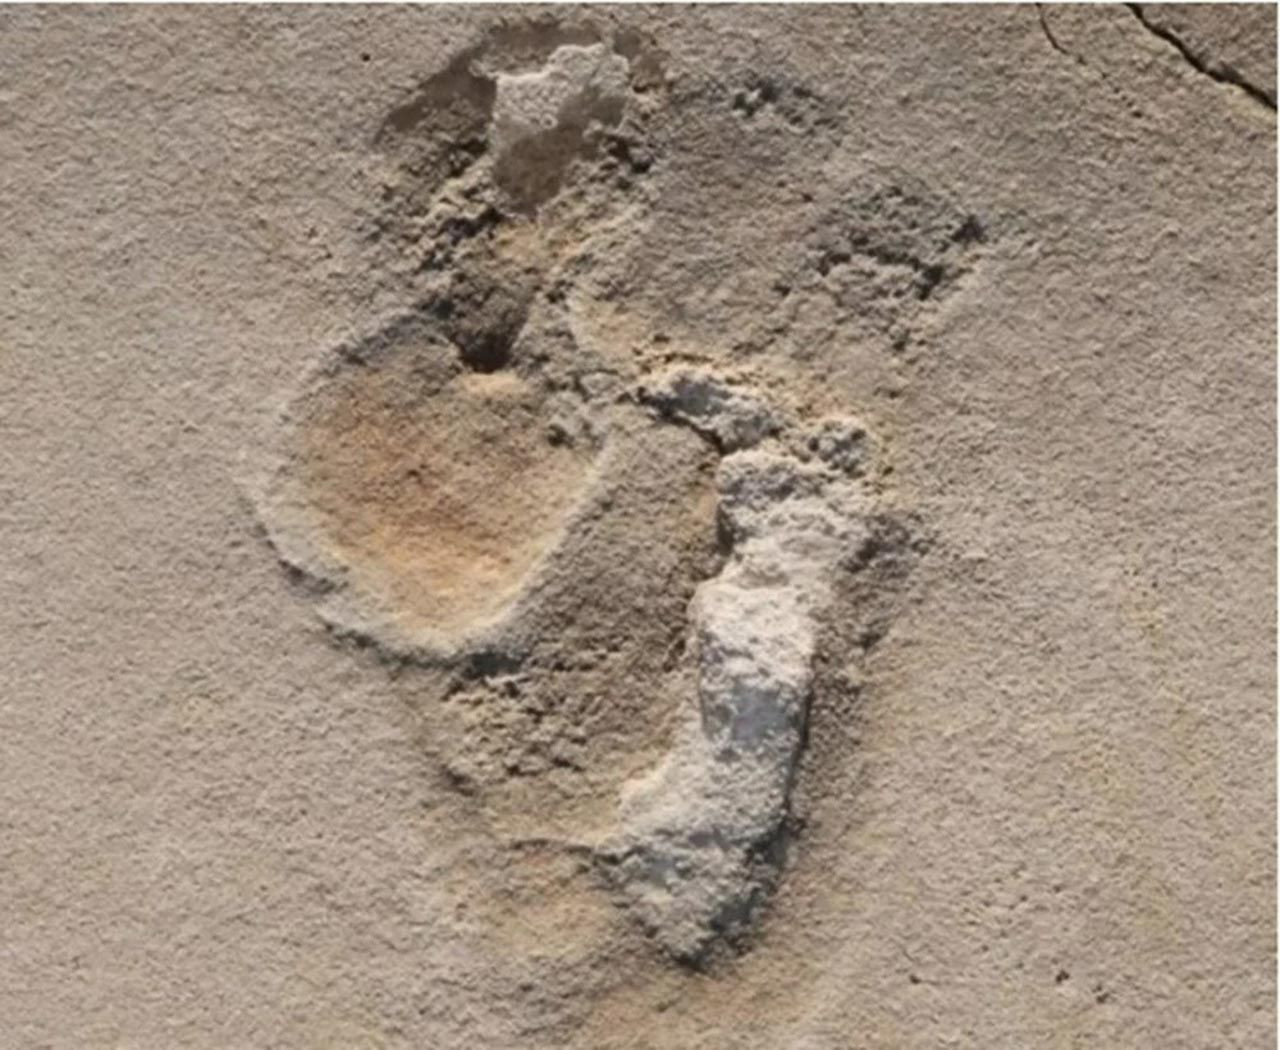 İnsanlık tarihini değiştirecek keşif: Tam 6 milyon yaşında - Resim: 1